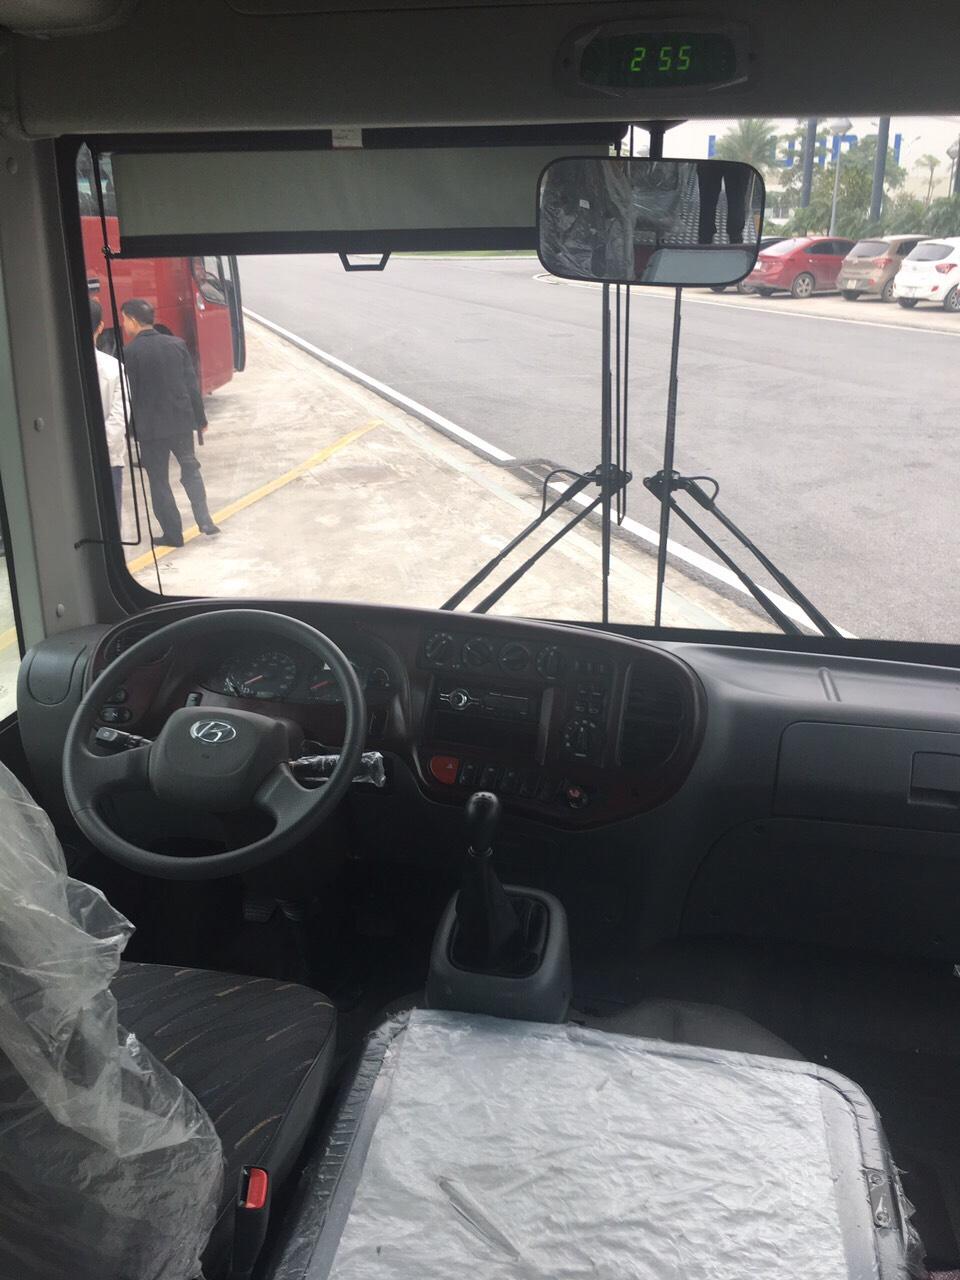 xe-bus-15-hd-b40-kieu-dang-new-city-3